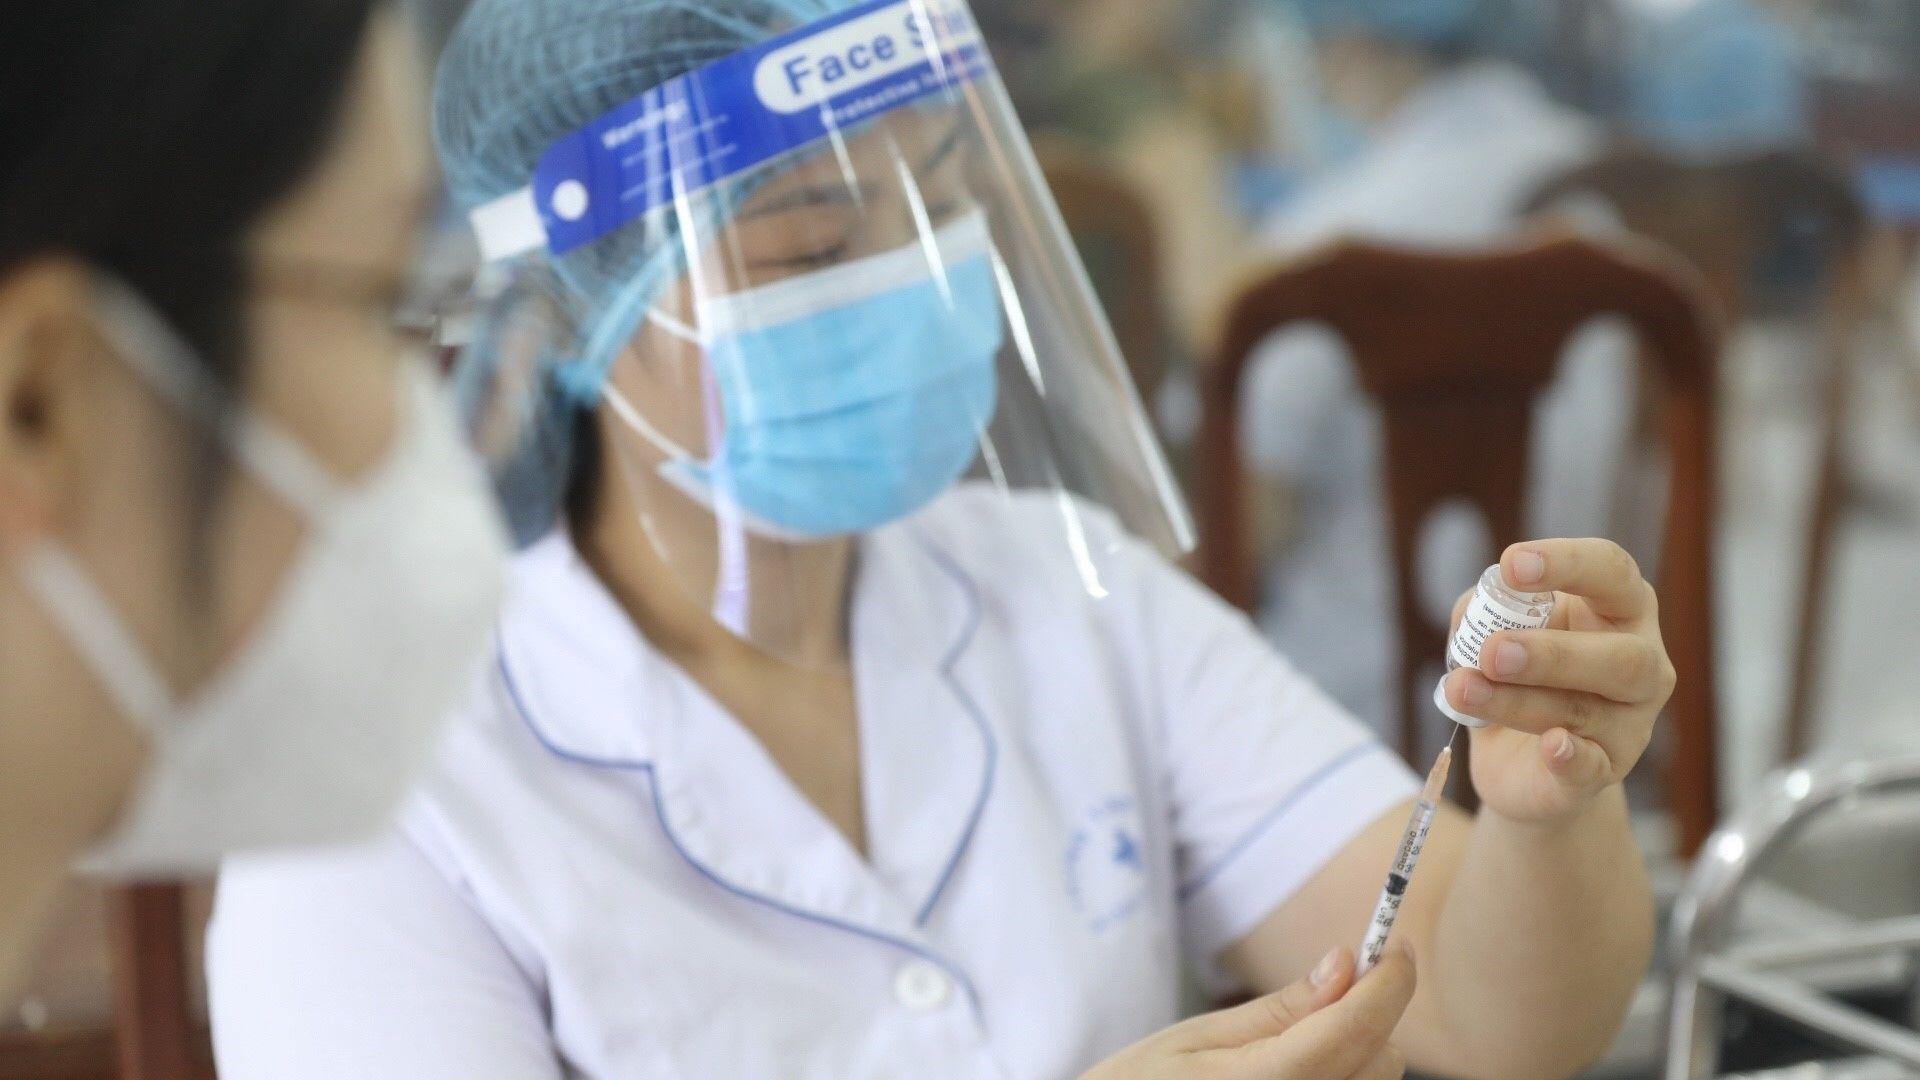 Nhân viên y tế tiêm vaccine phòng COVID-19 cho người dân phường Yên Hoà (Cầu Giấy) ngày 7/9/2021 - Sputnik Việt Nam, 1920, 10.09.2021